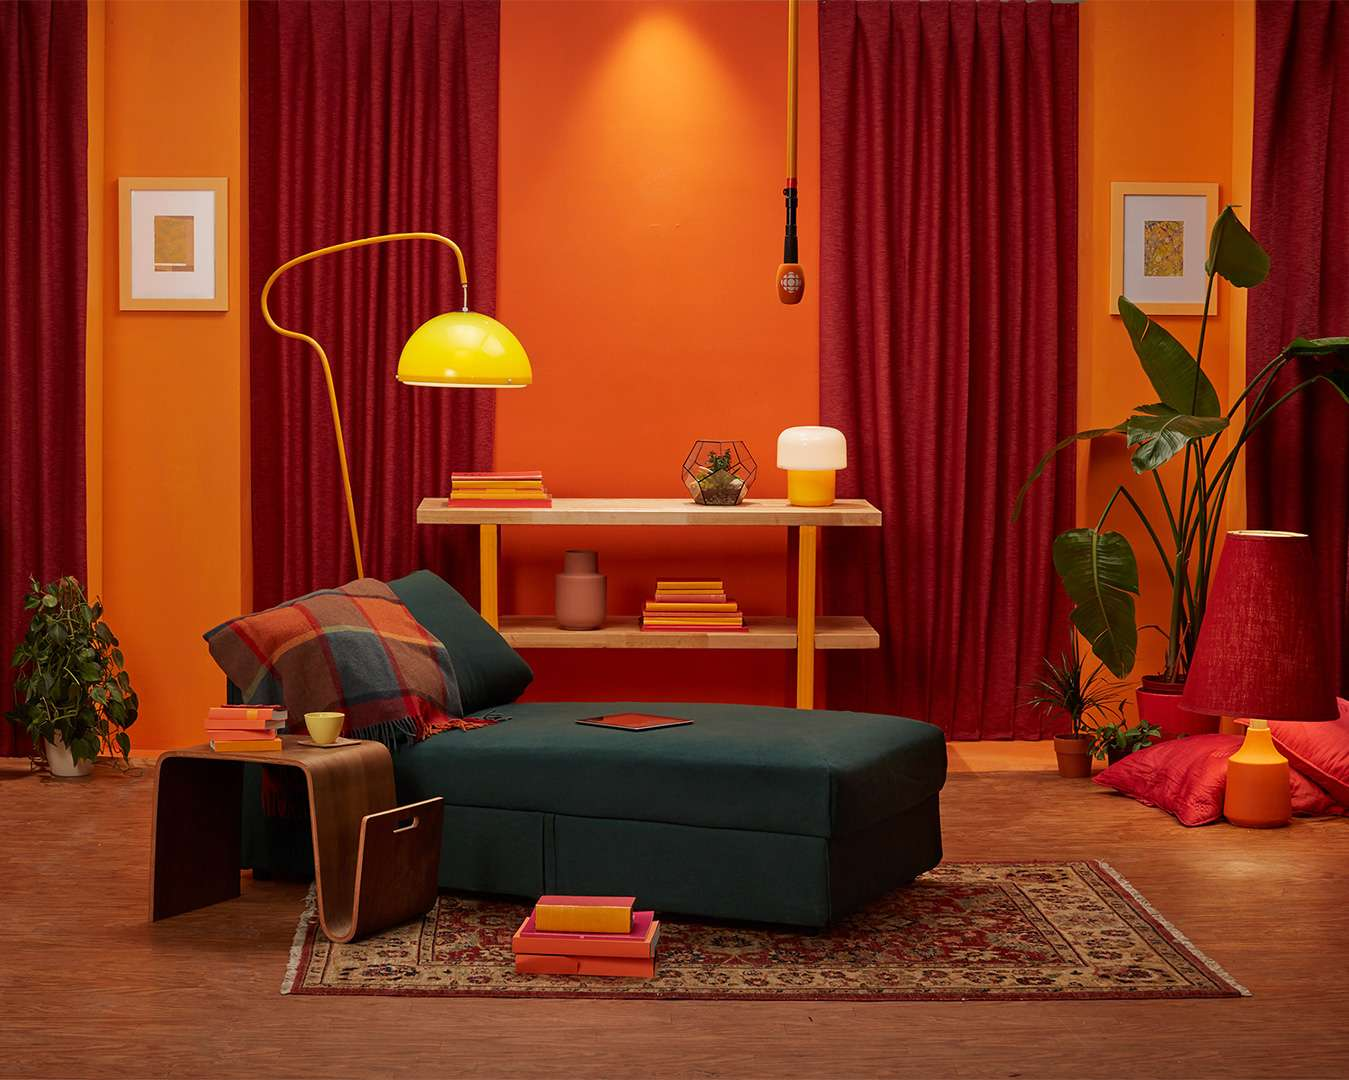 décor de salon de la séance photo de Simon Duhamel pour ICI Première